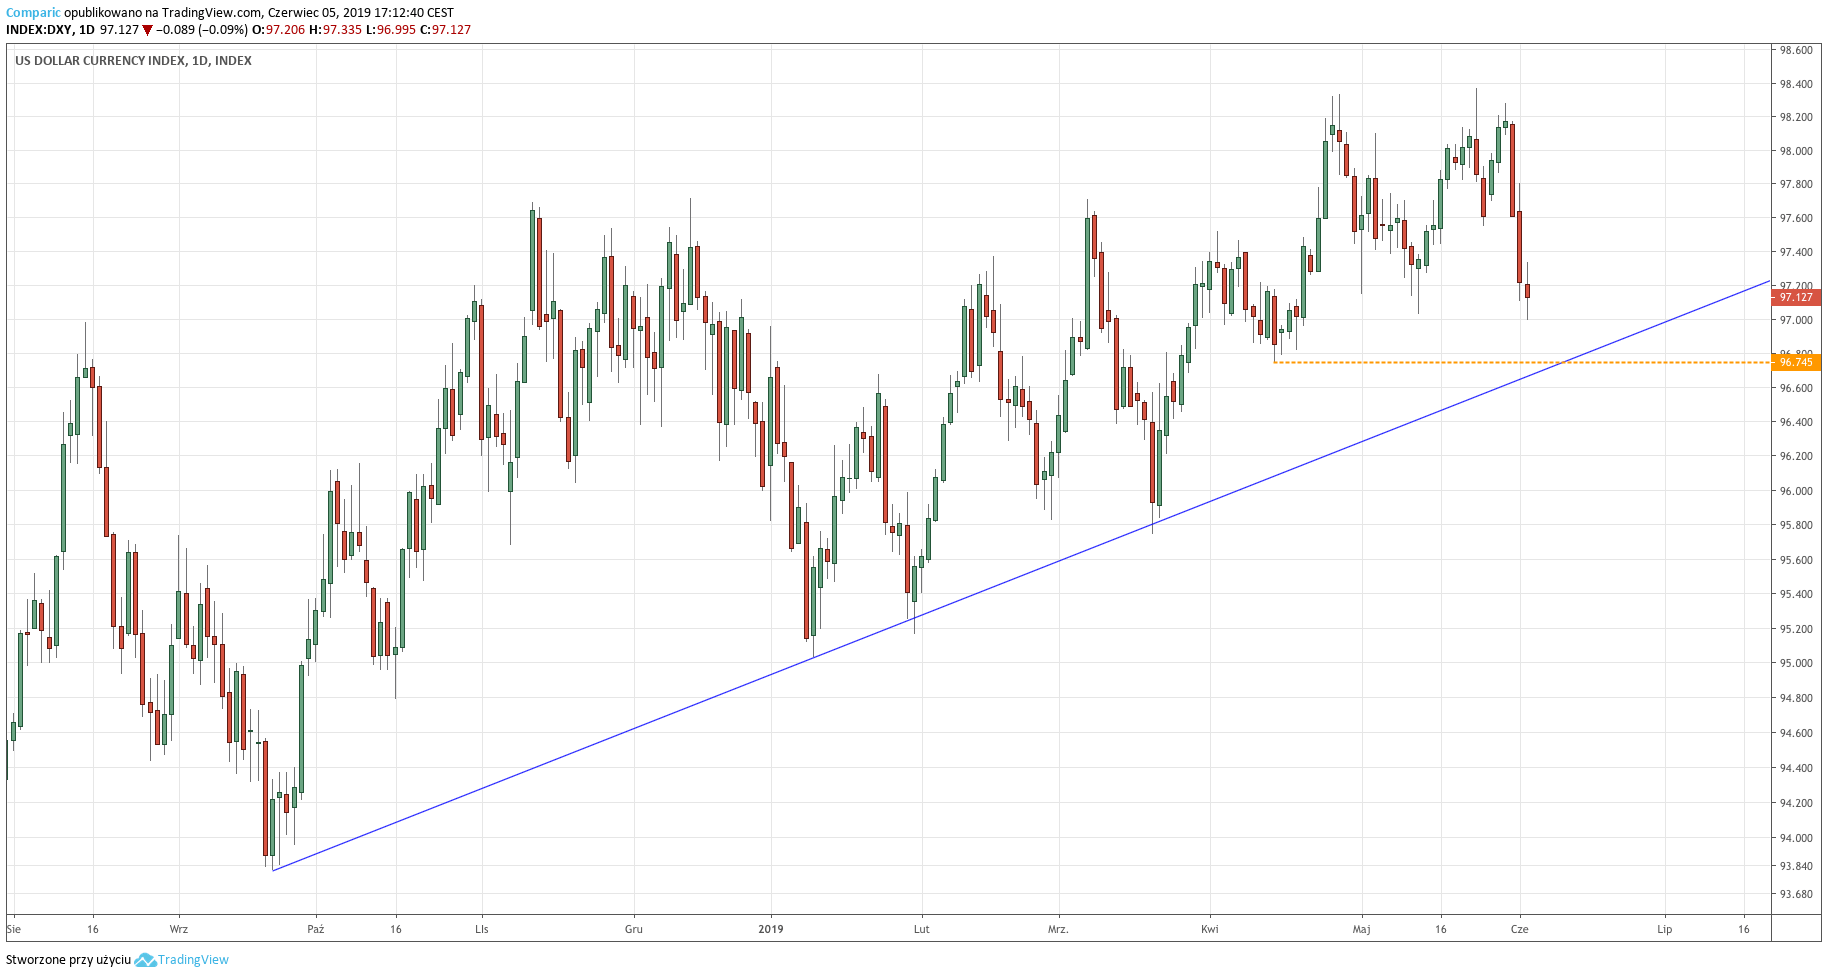 Indeks dolara (DXY) - wykres dzienny - 5 czerwca 2019